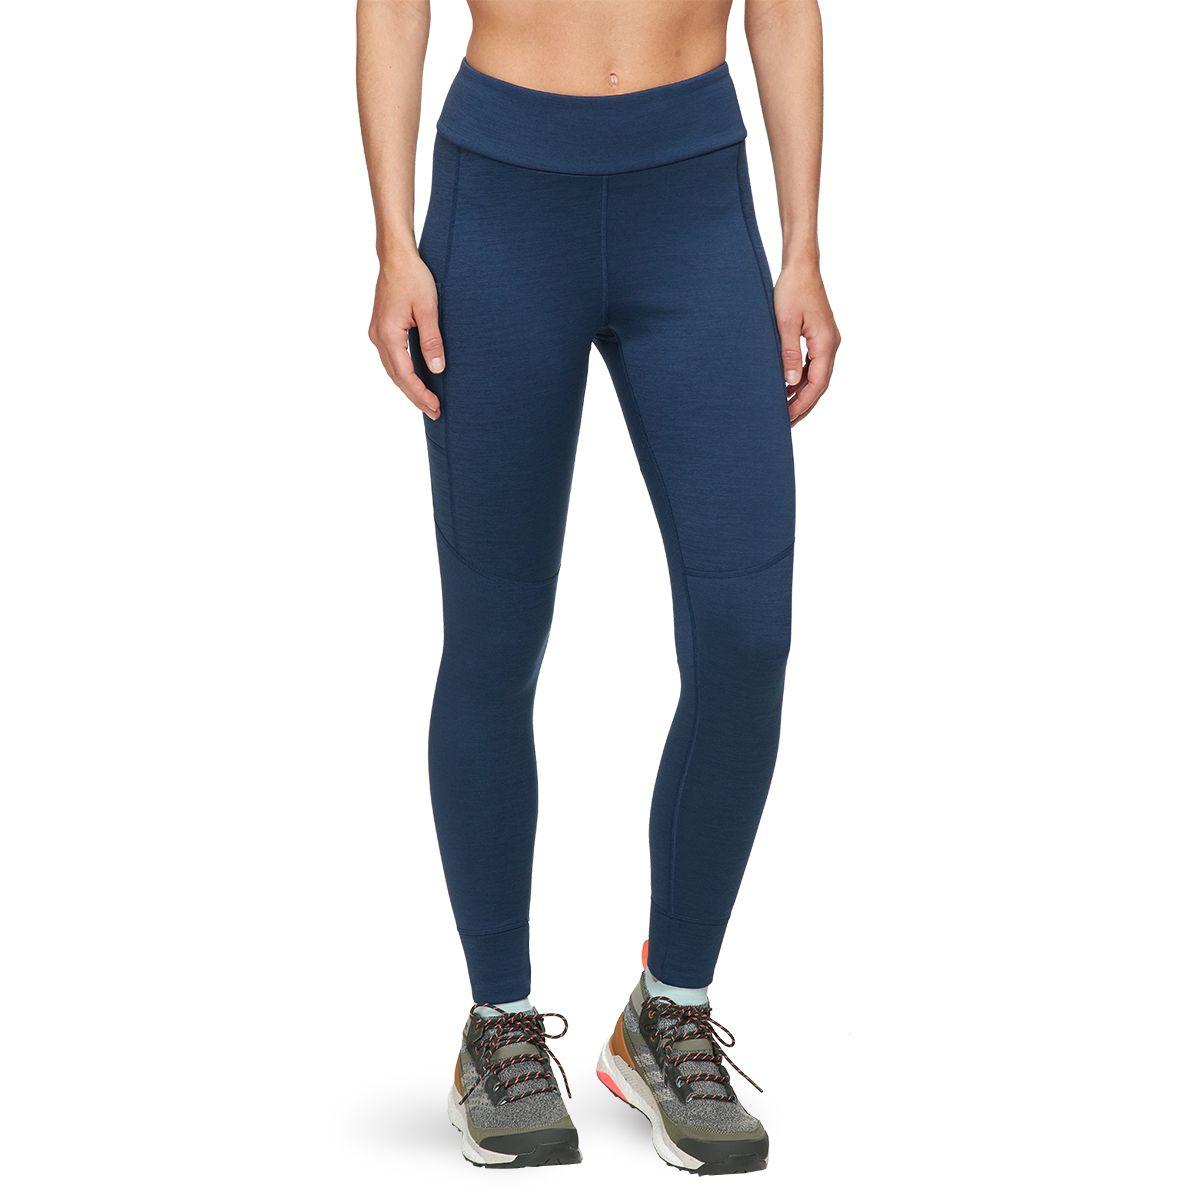 Backcountry Active Legging - Women's | Backcountry.com